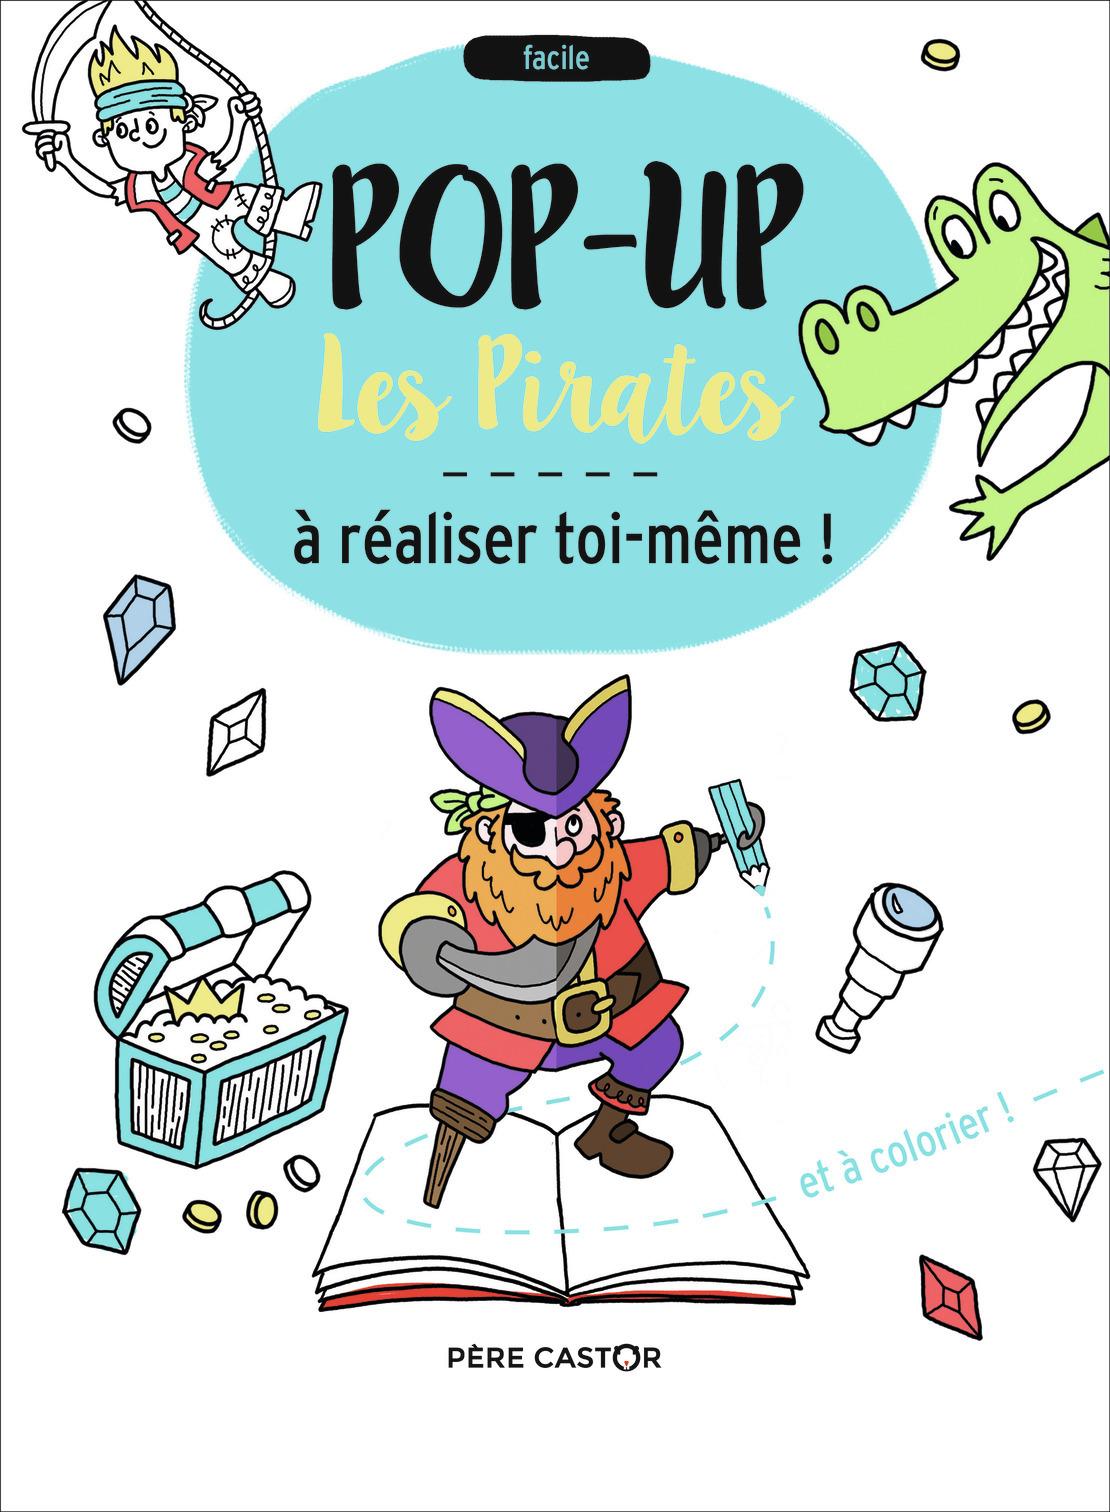 LES PIRATES - POP-UP A REALISER TOI-MEME !